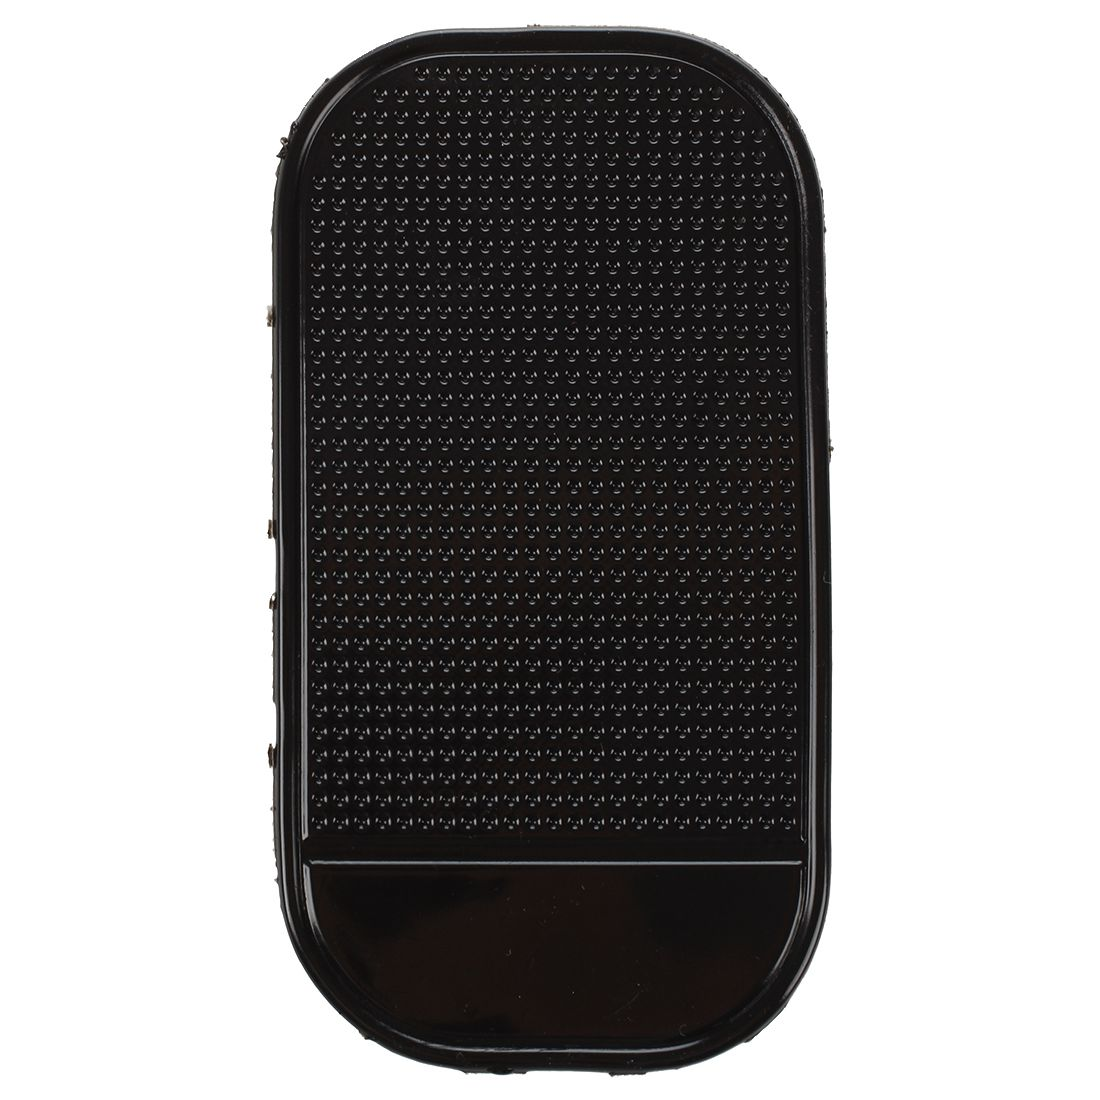 Черный приборной панели автомобиля Важная Коврик анти нескользкая подошва гаджет мобильный телефон GPS держатель предметы интерьера Аксесс…